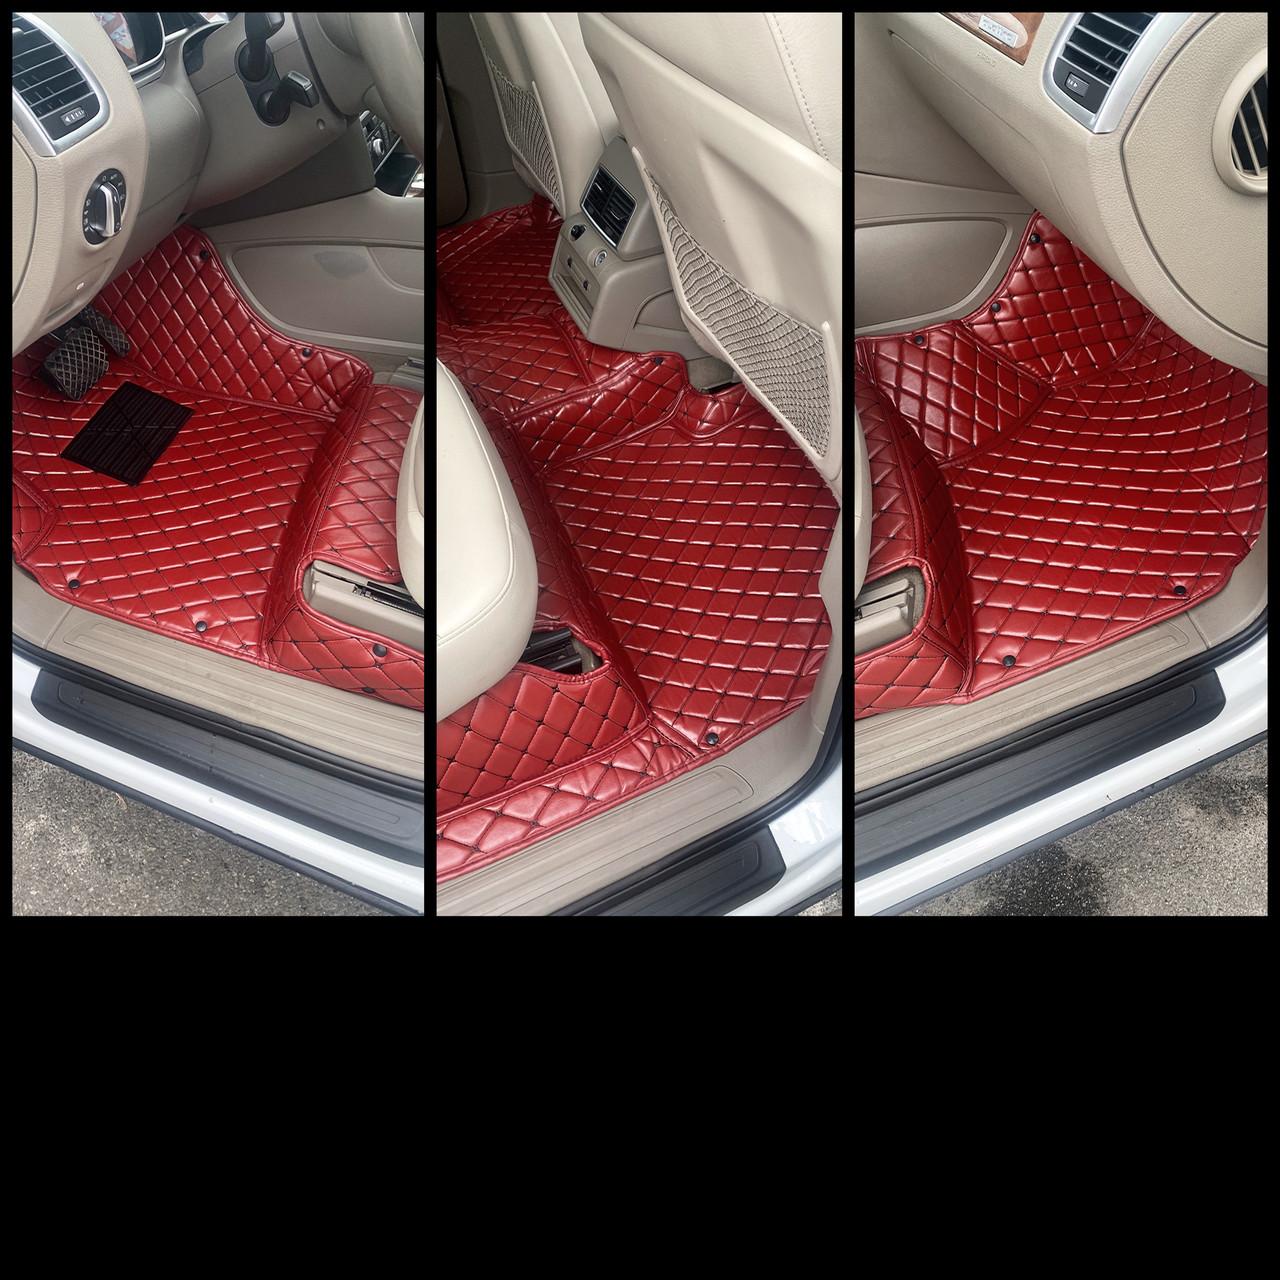 Комплект килимків з екошкіри для Mercedes G-class, від 2013 року